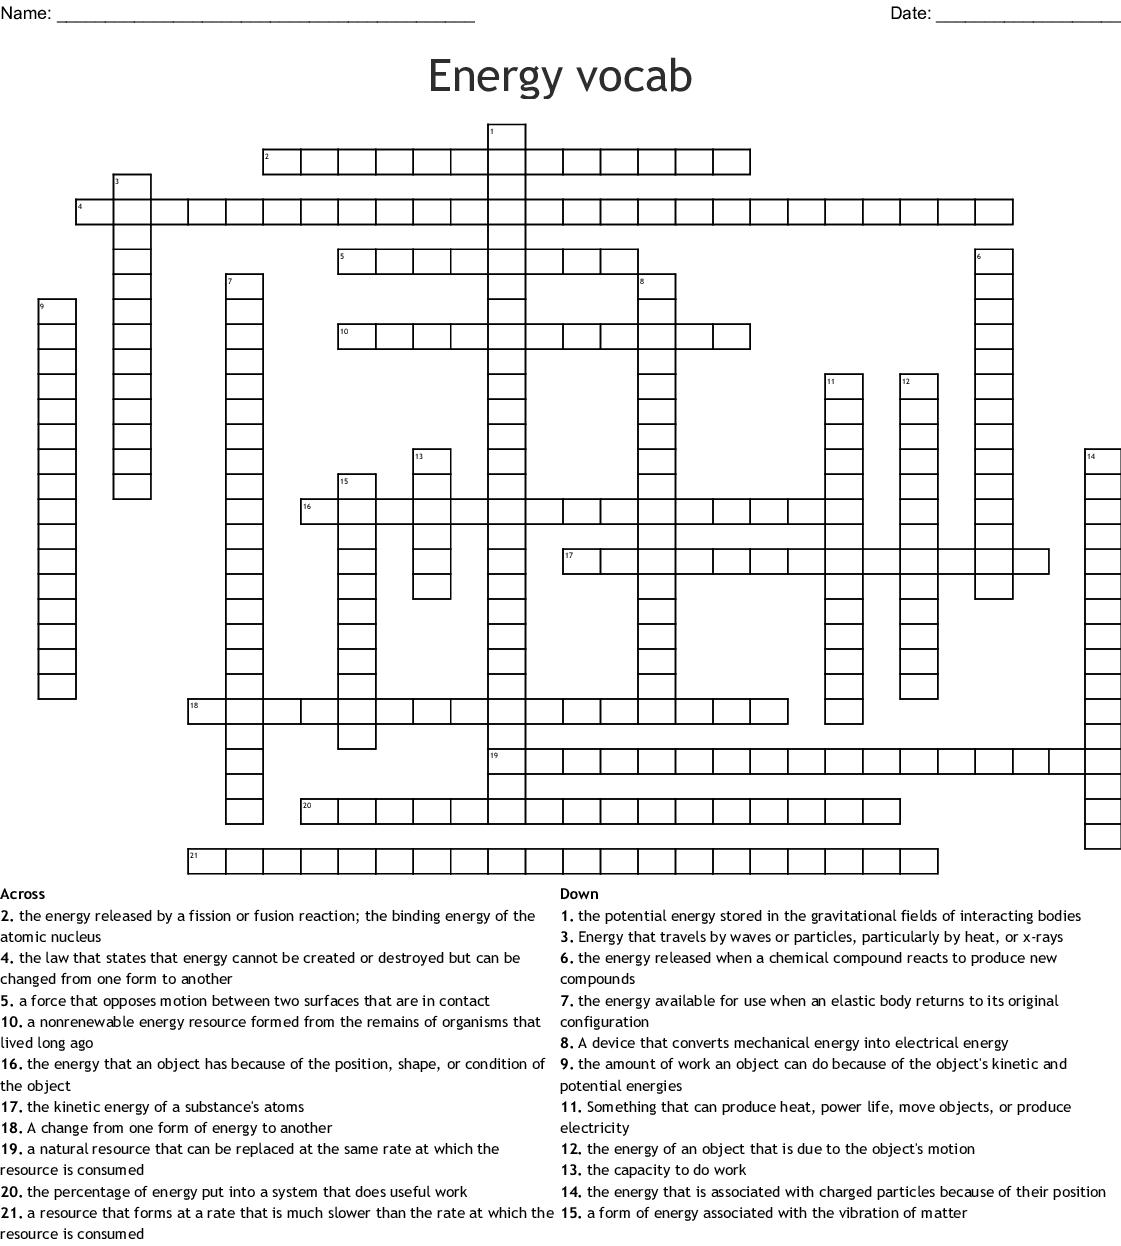 Energy vocab Crossword - WordMint